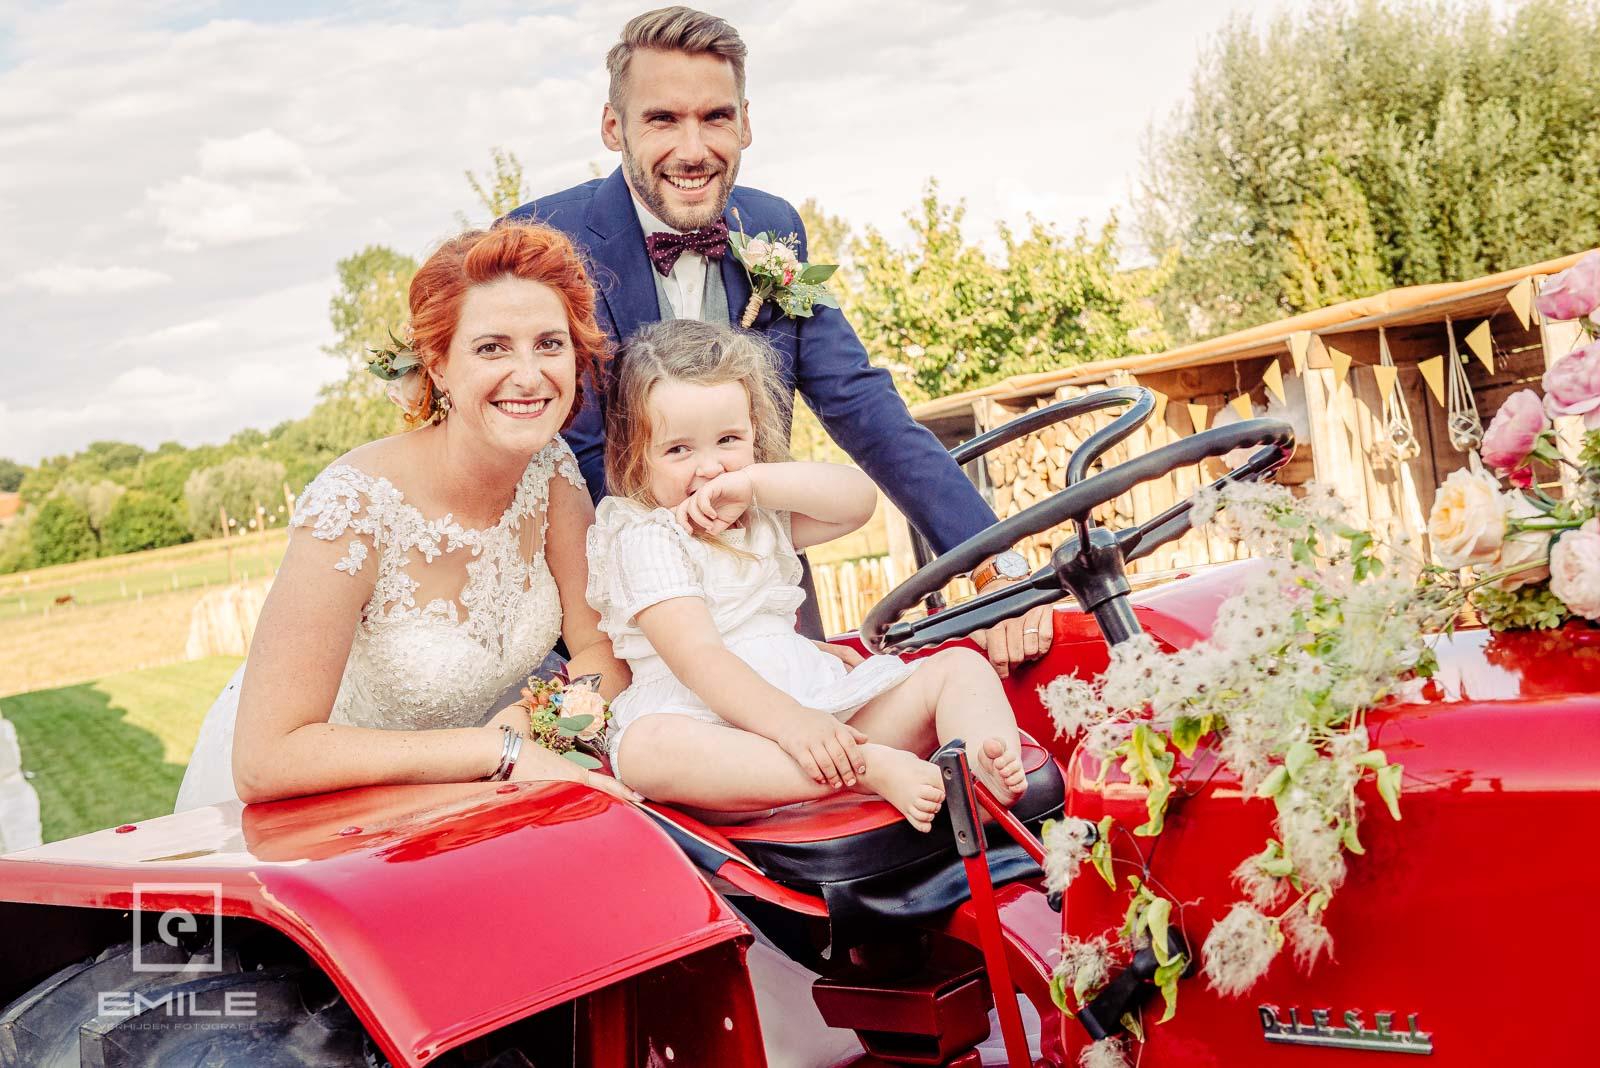 De kleine meid wil ook poseren op de tractor. Trouwen in Limburg